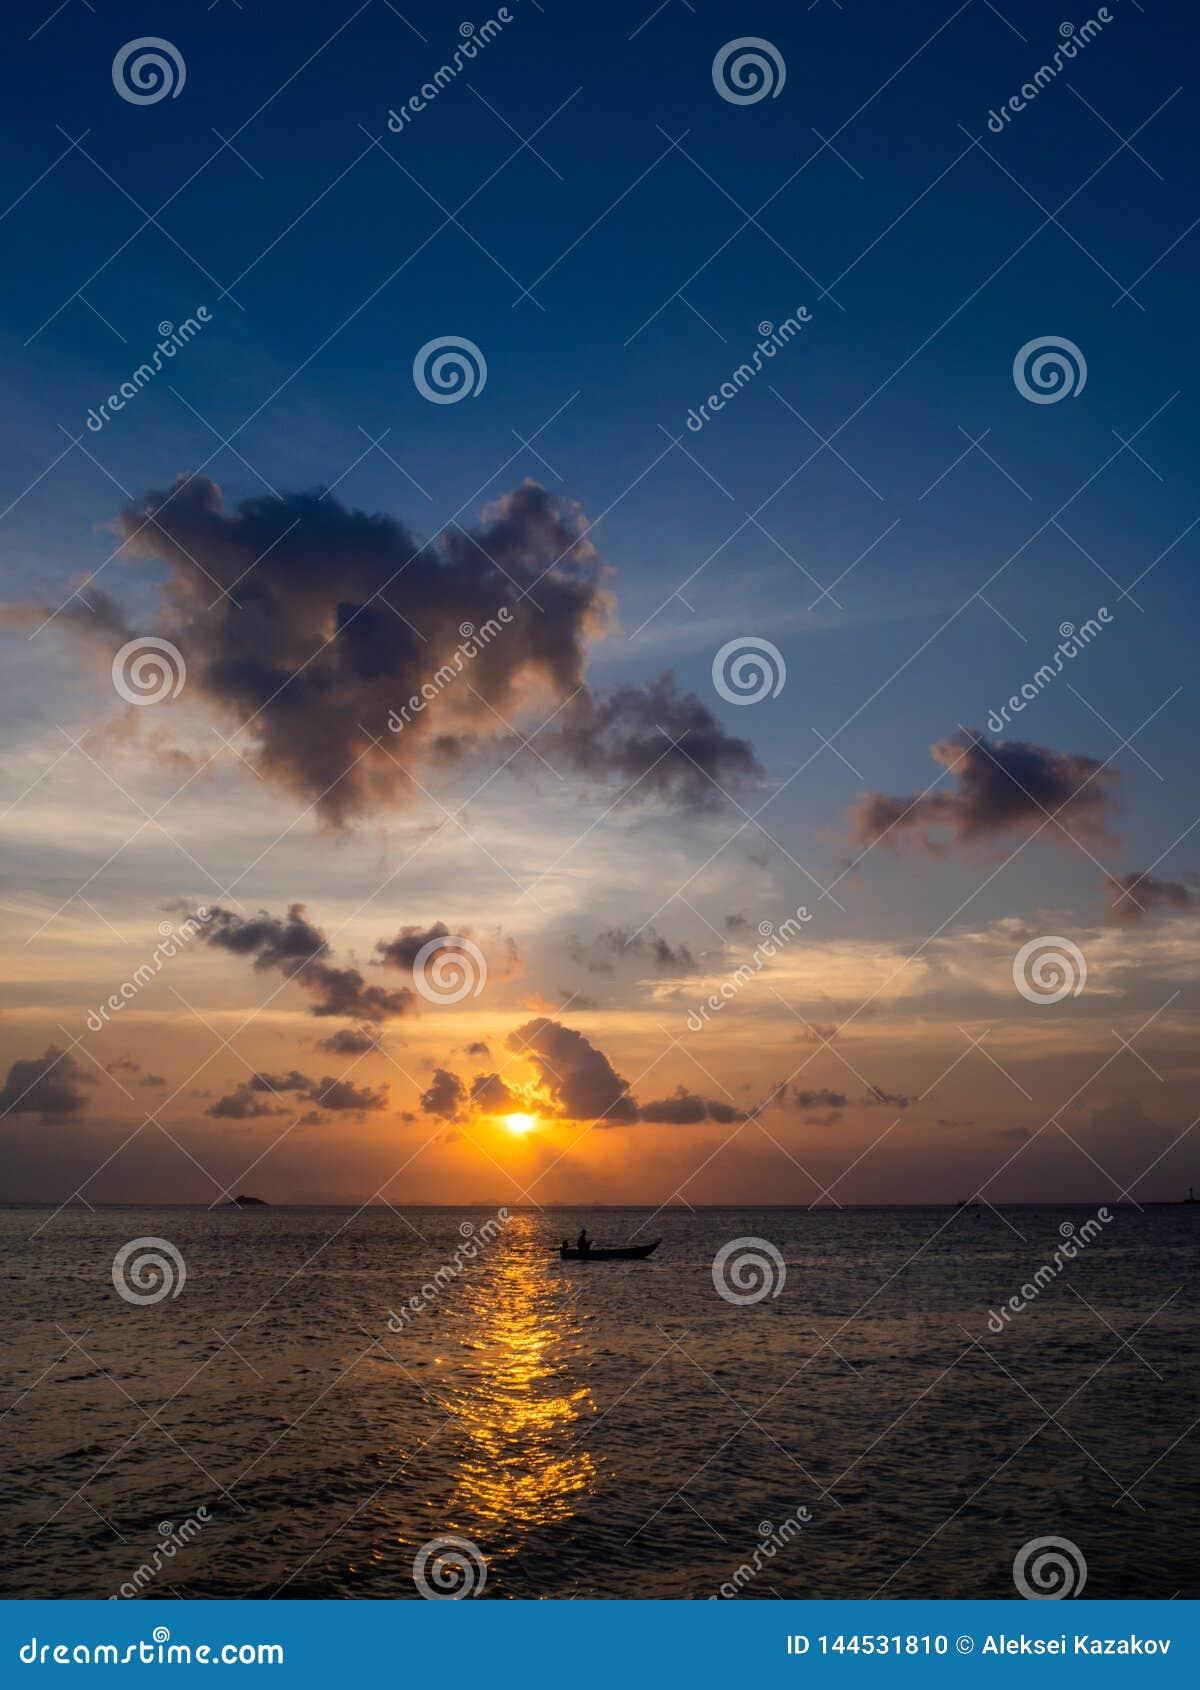 Siluetas de la gente en un kajak en los rayos del sol poniente contra la perspectiva de las nubes